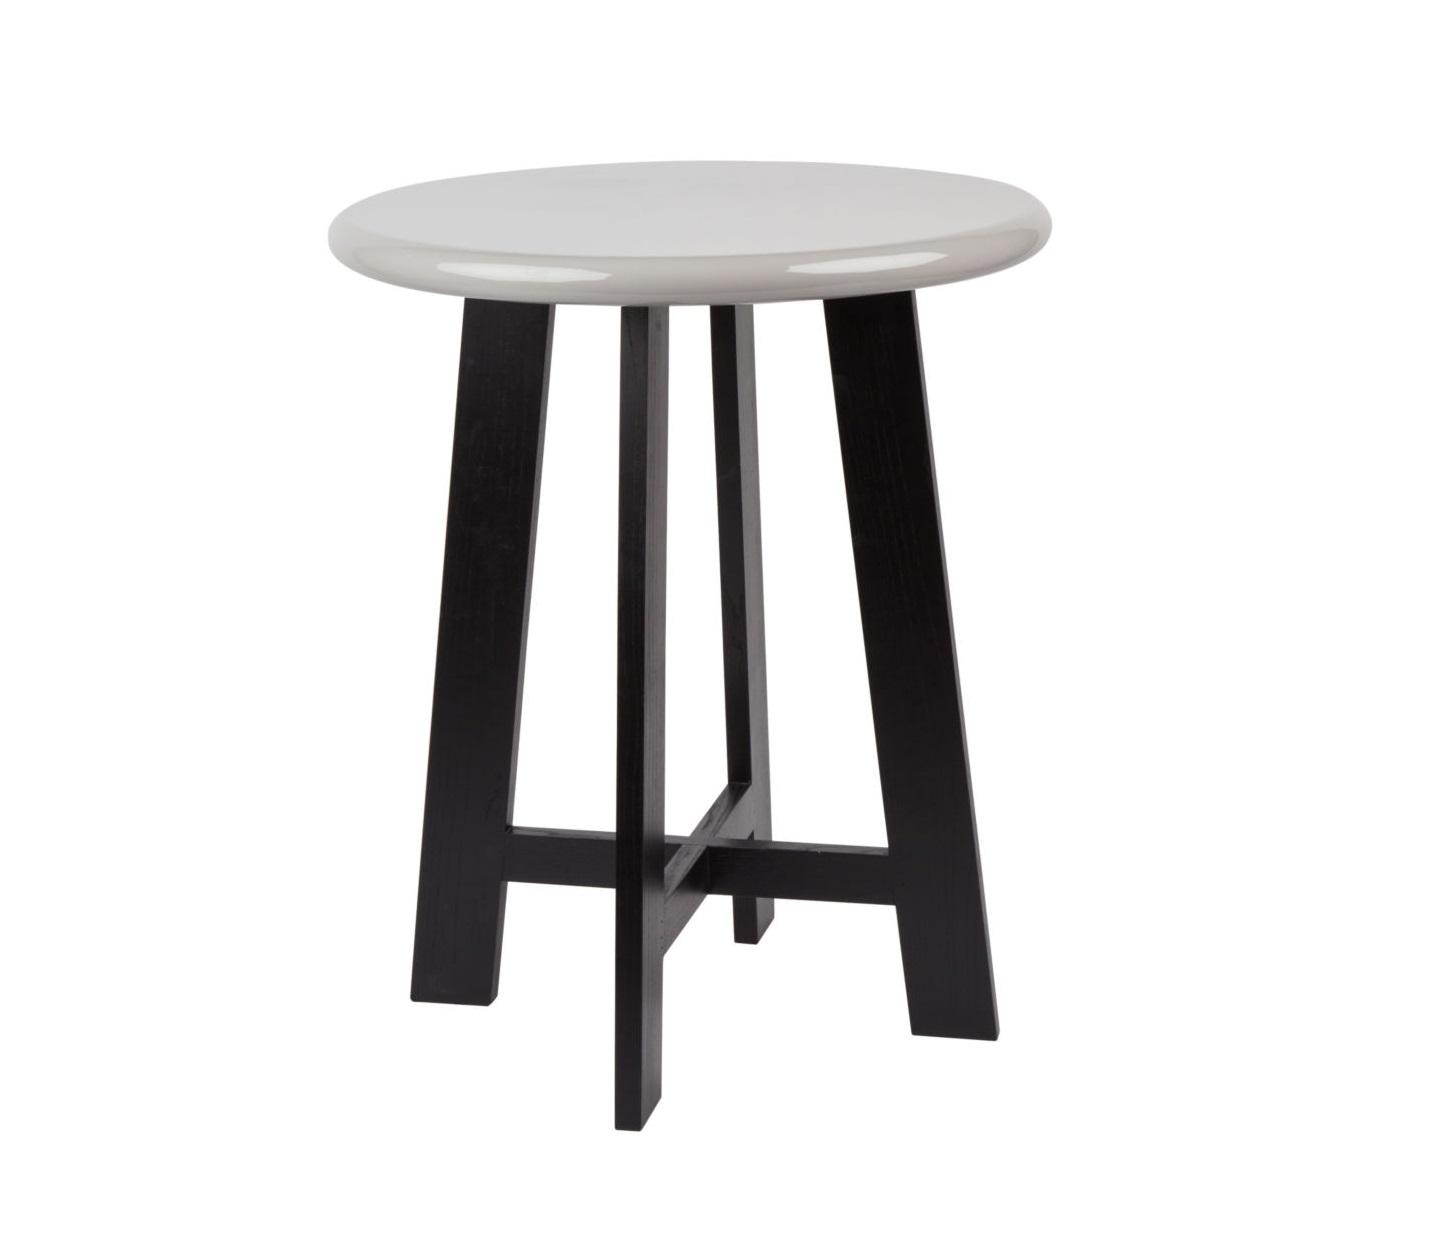 Барный стол M-Style 15441112 от thefurnish